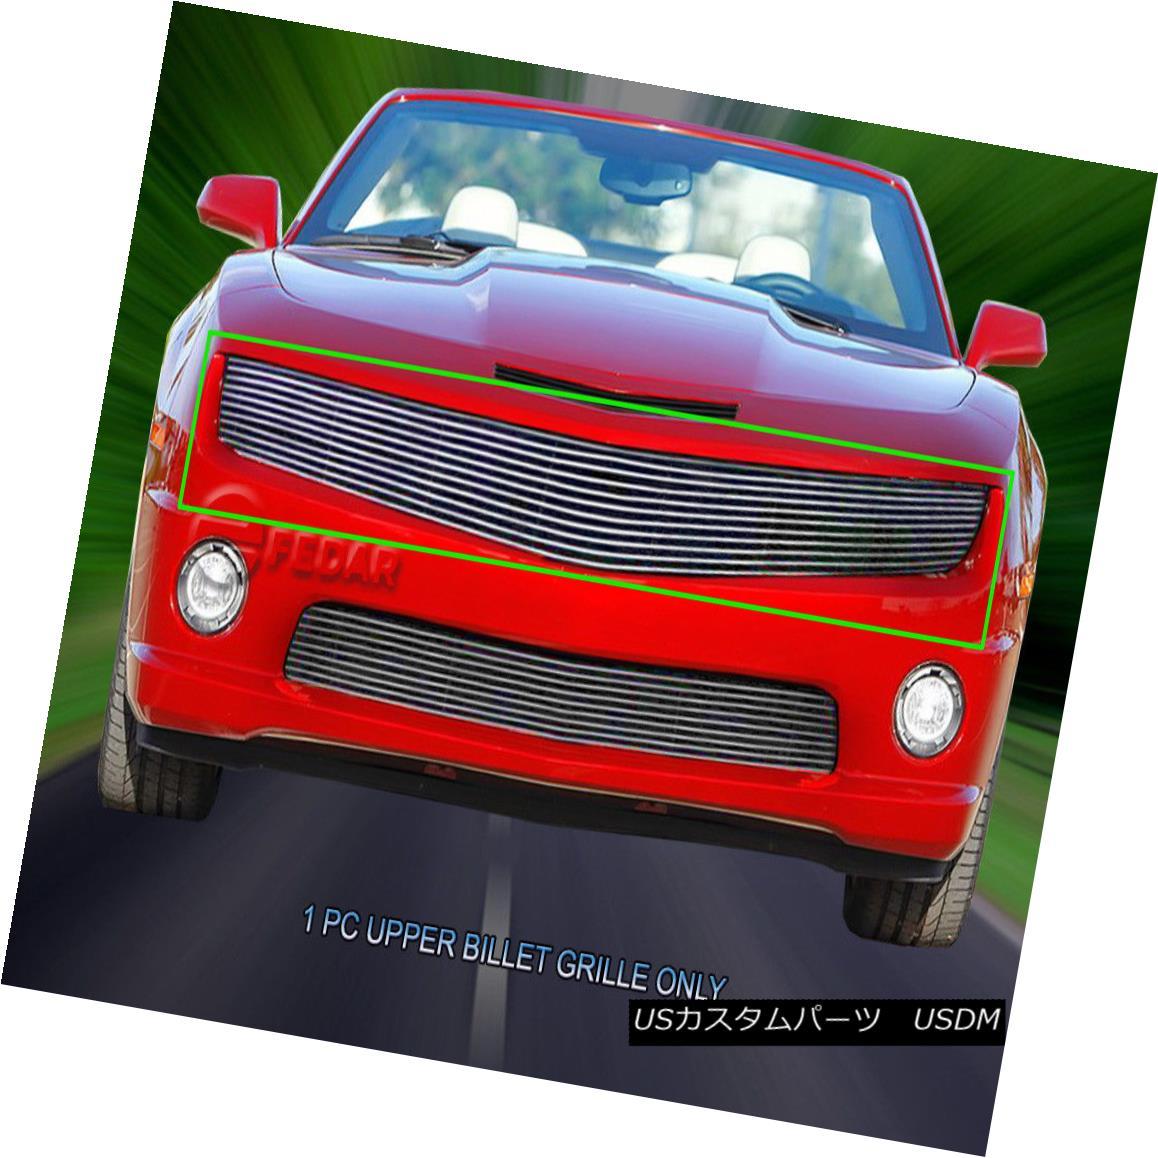 グリル Fedar Fits 2010-2013 Chevy Camaro LT/LS/RS/SS Chrome BoltOn Upper Billet Grille Fedarは2010-2013年を適合させるChevy Camaro LT / LS / RS / SSクロムBoltOnアッパービレットグリル